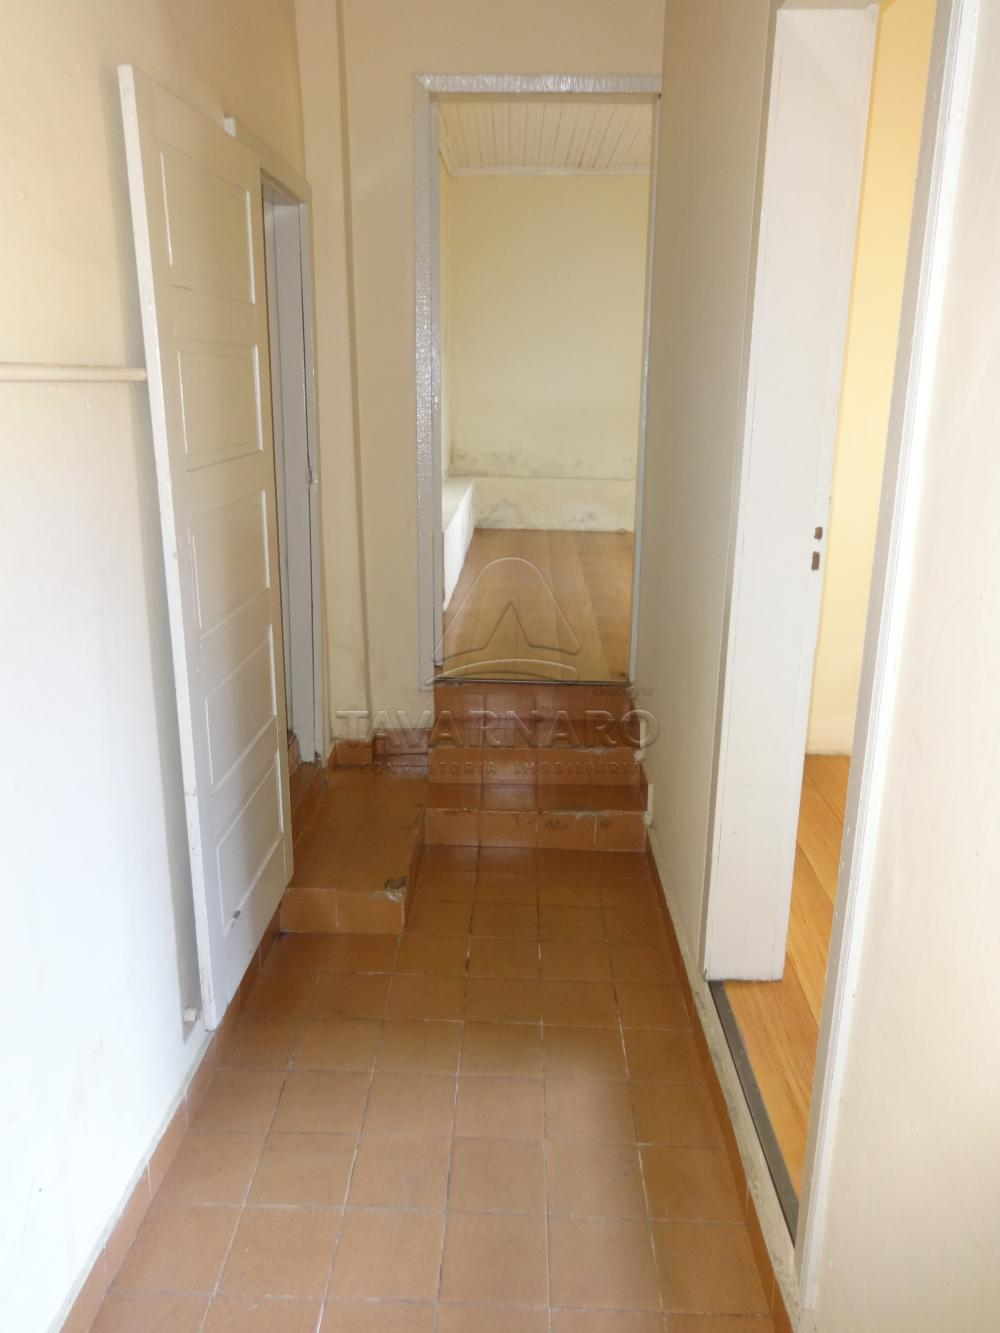 Alugar Casa / Padrão em Ponta Grossa apenas R$ 350,00 - Foto 5